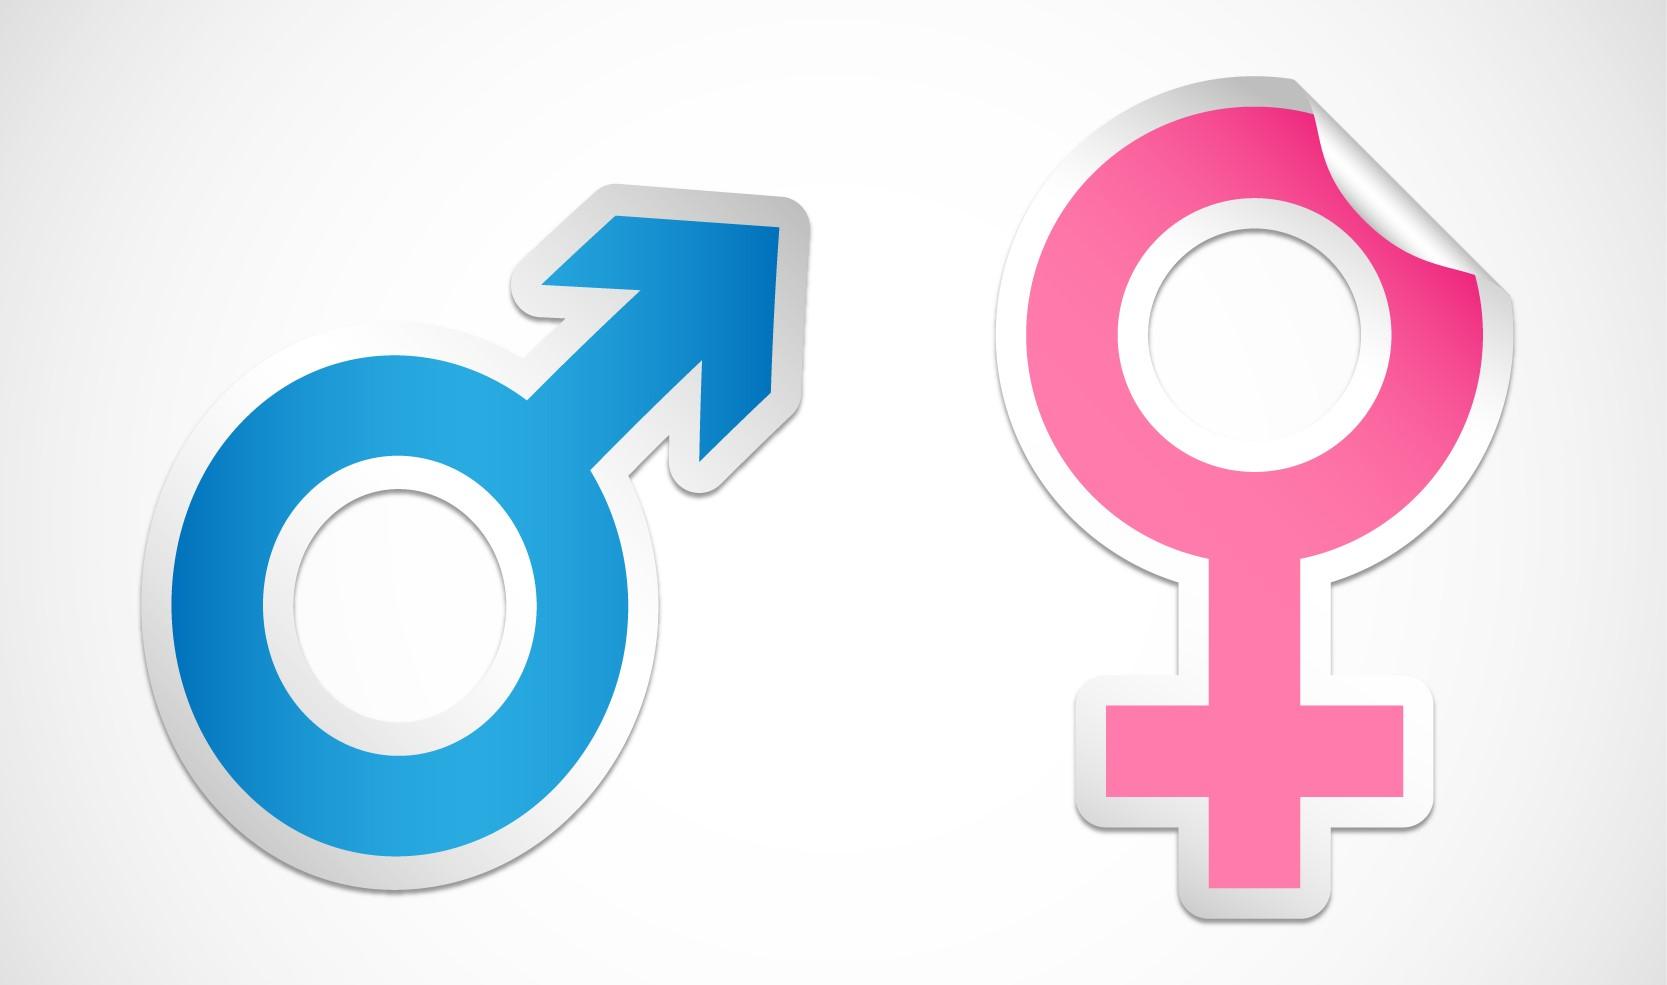 Eliminar los roles de la feminidad y masculinidad, retos para avanzar como sociedad